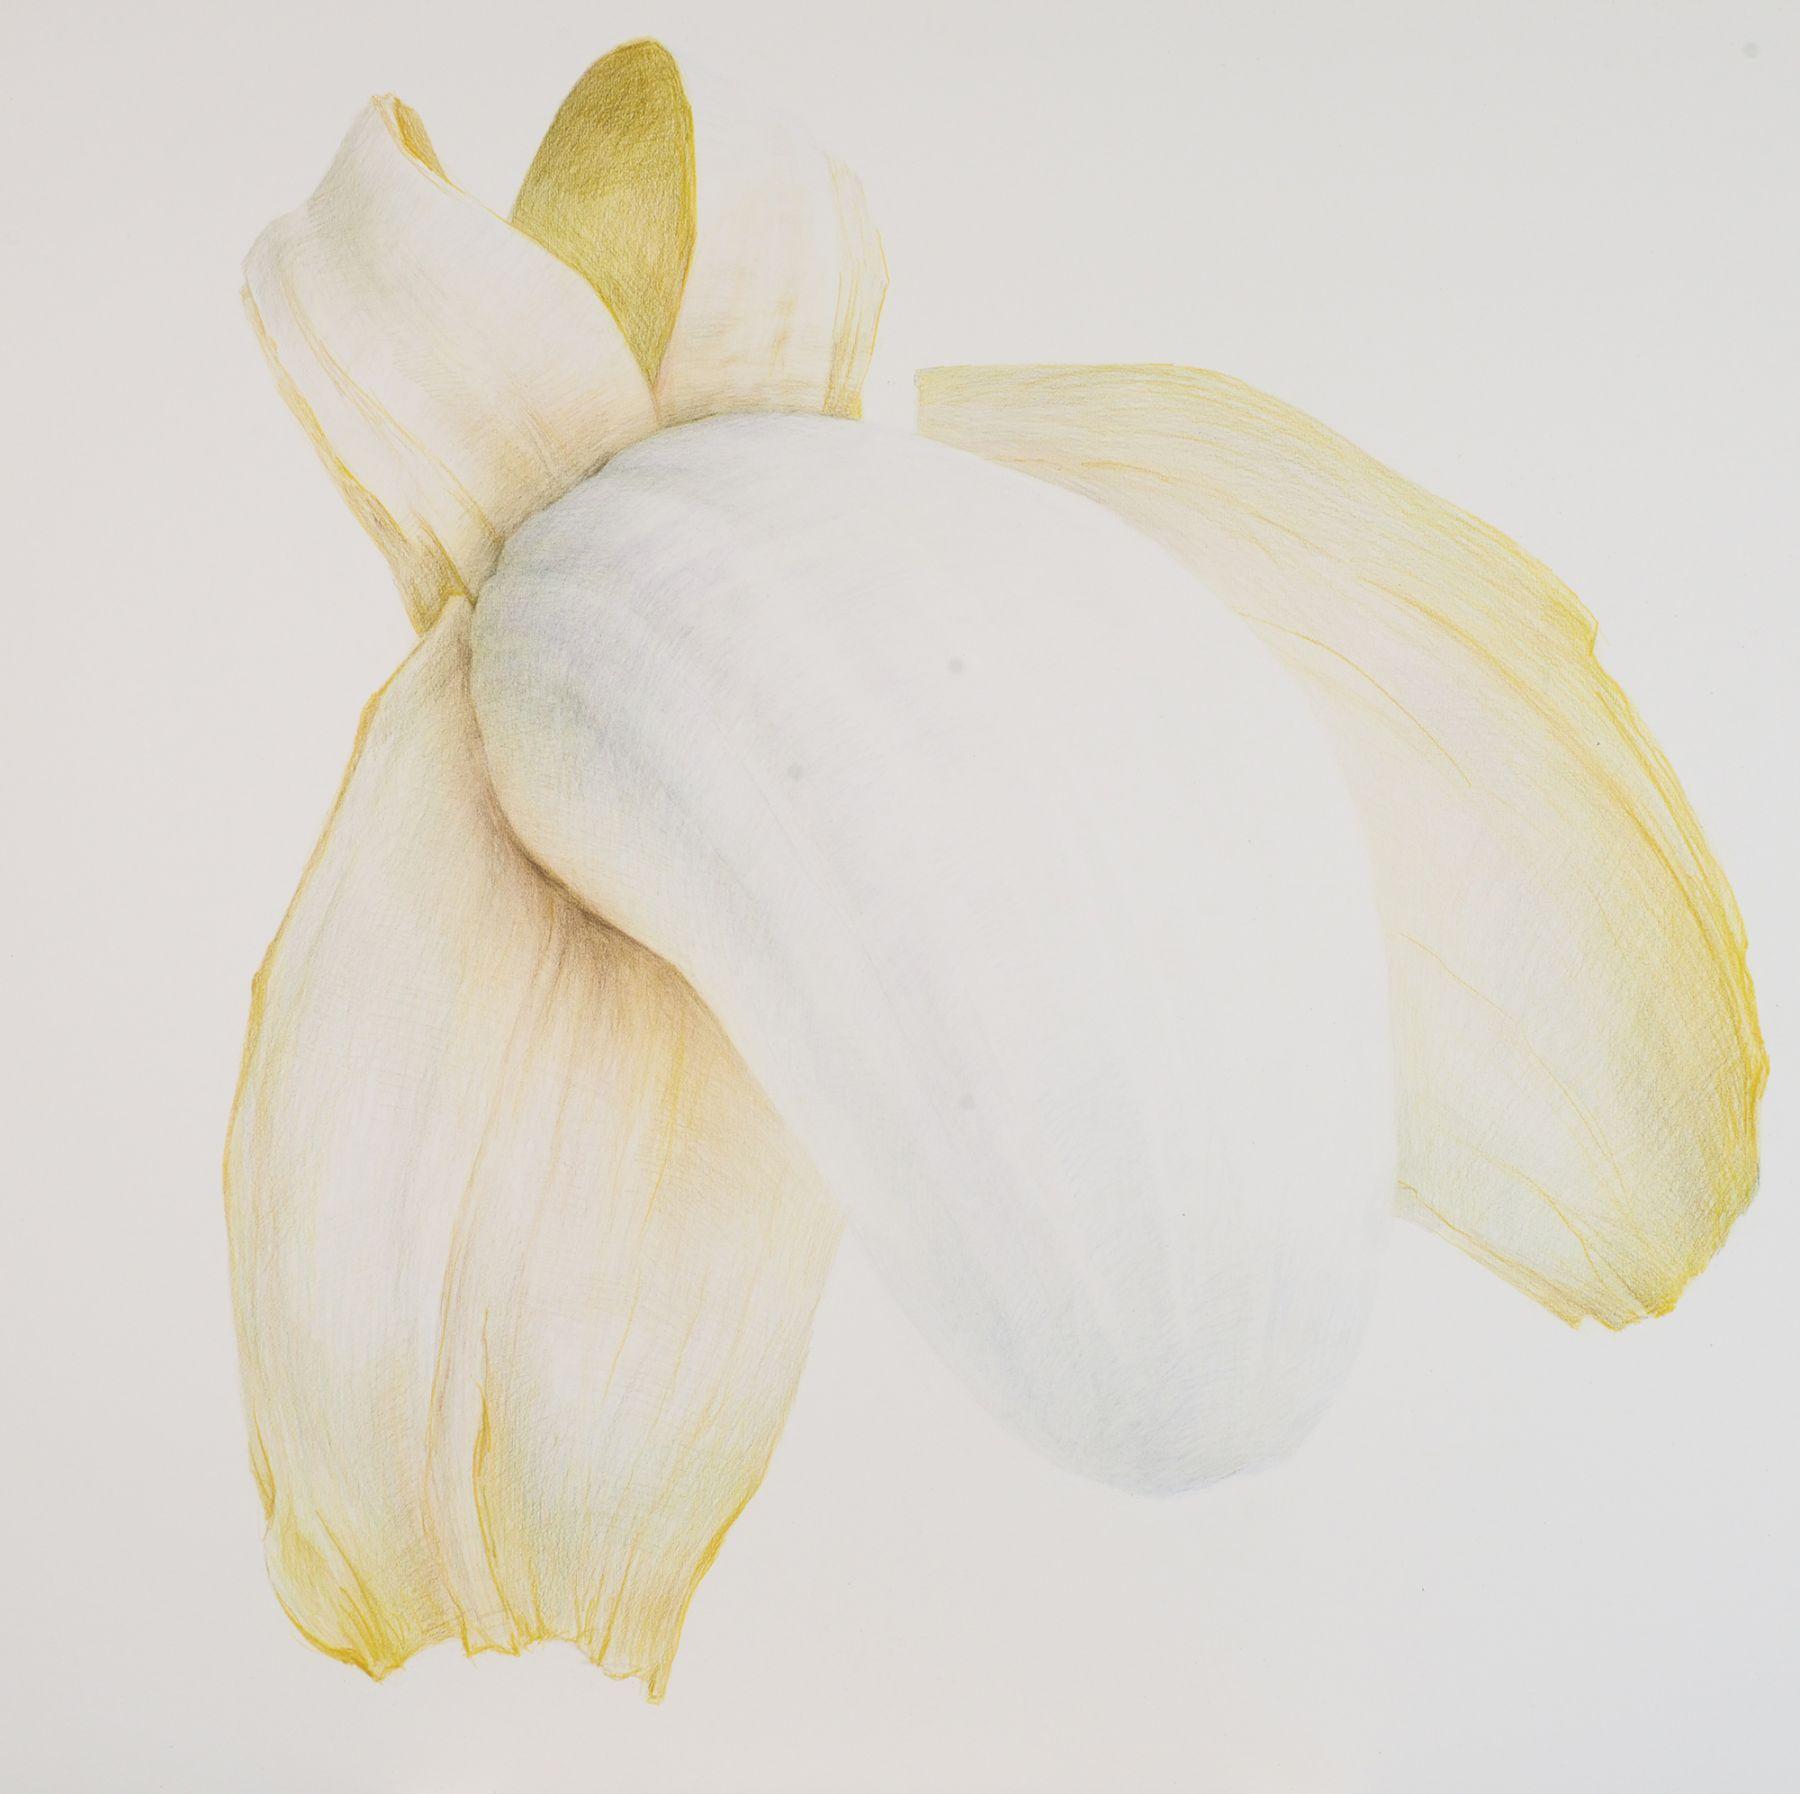 Zhang Dun 张盾, Banana 3 香蕉 3